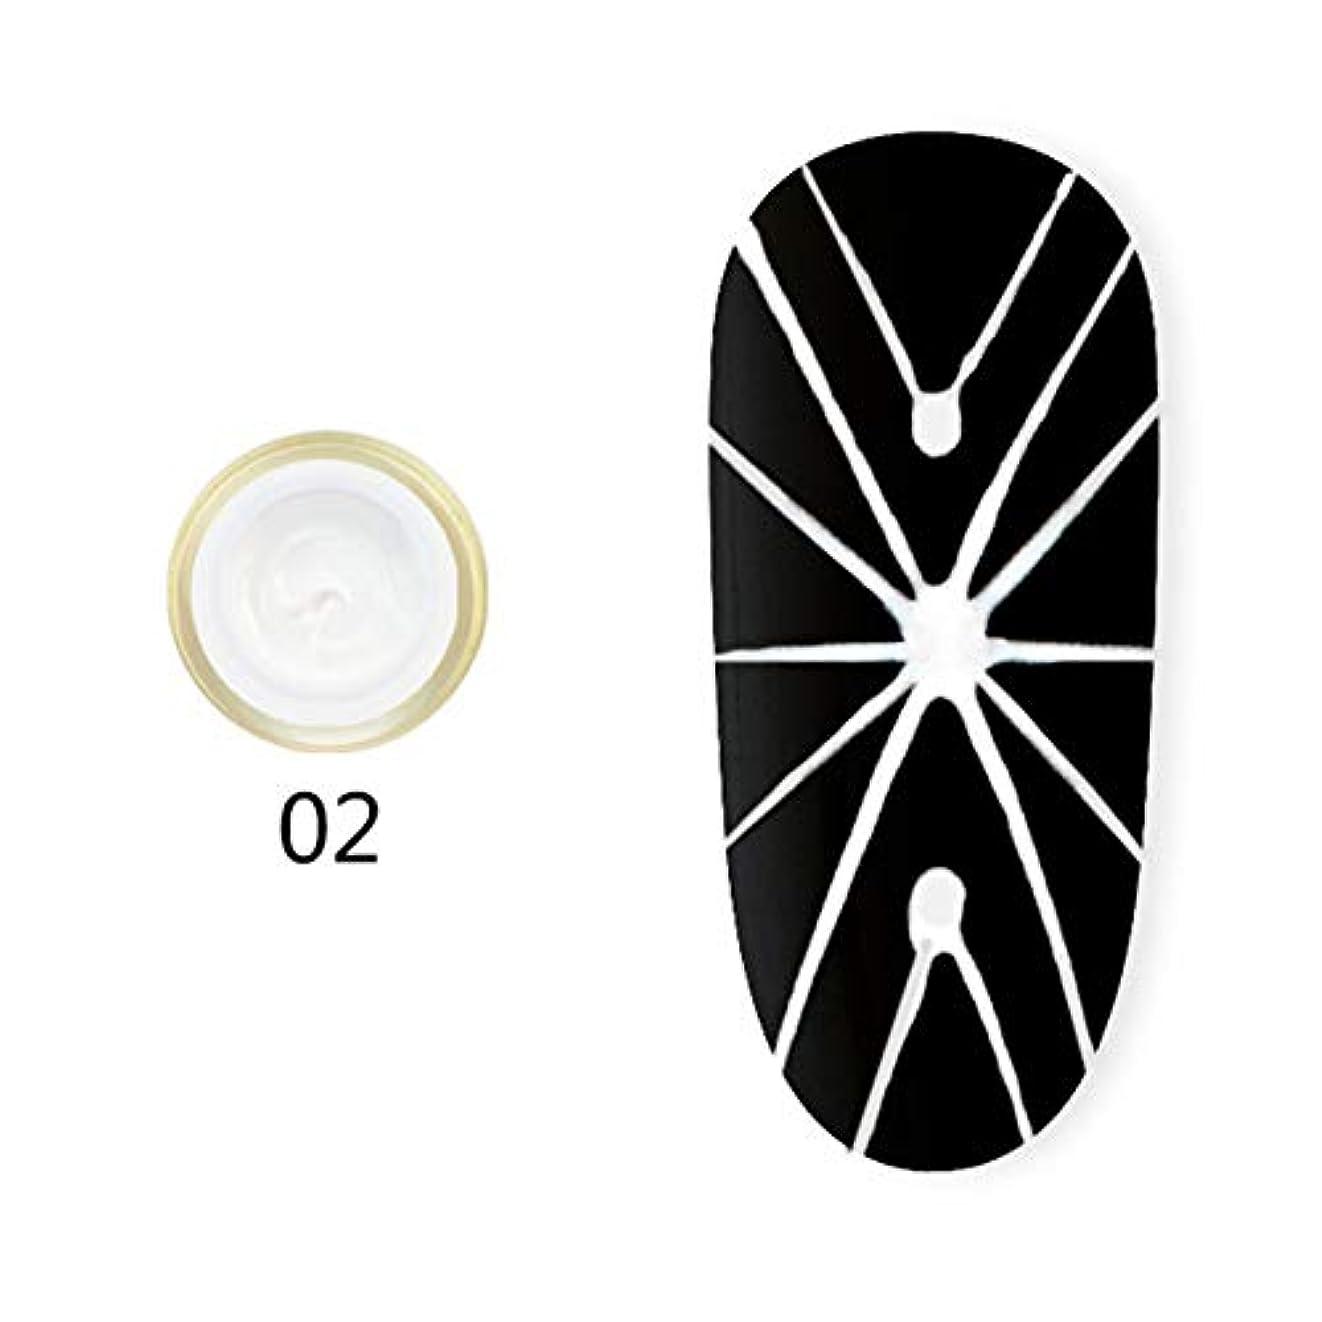 作るかる説明的hamulekfae-弾性クモ画線ワイヤーペインティングジェルDIY UVネイルジェルポリッシュラッカー White